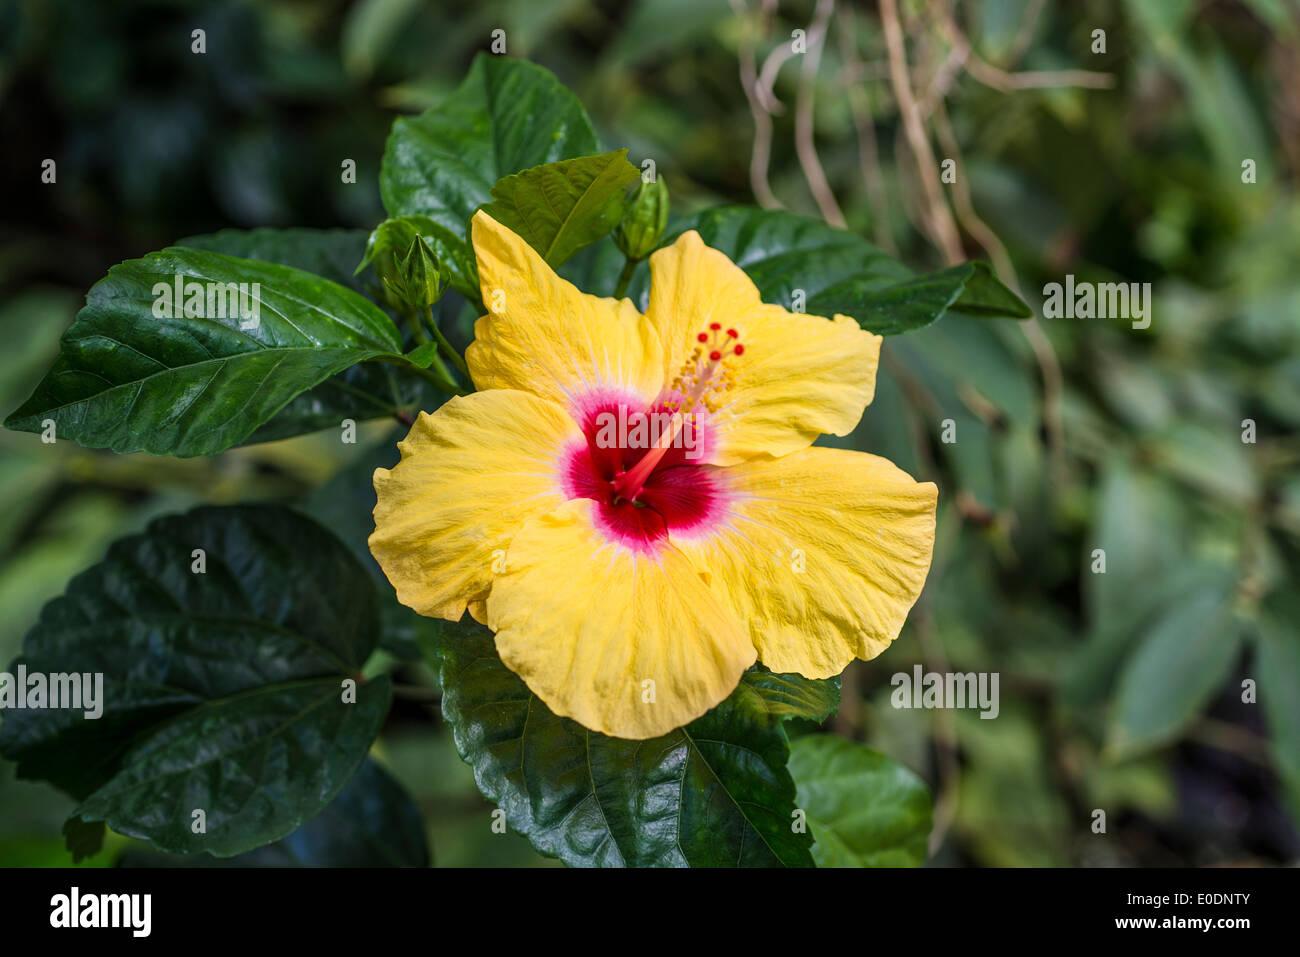 Hibiscus rosa sinensis or chinese hibiscus flower stock photo hibiscus rosa sinensis or chinese hibiscus flower izmirmasajfo